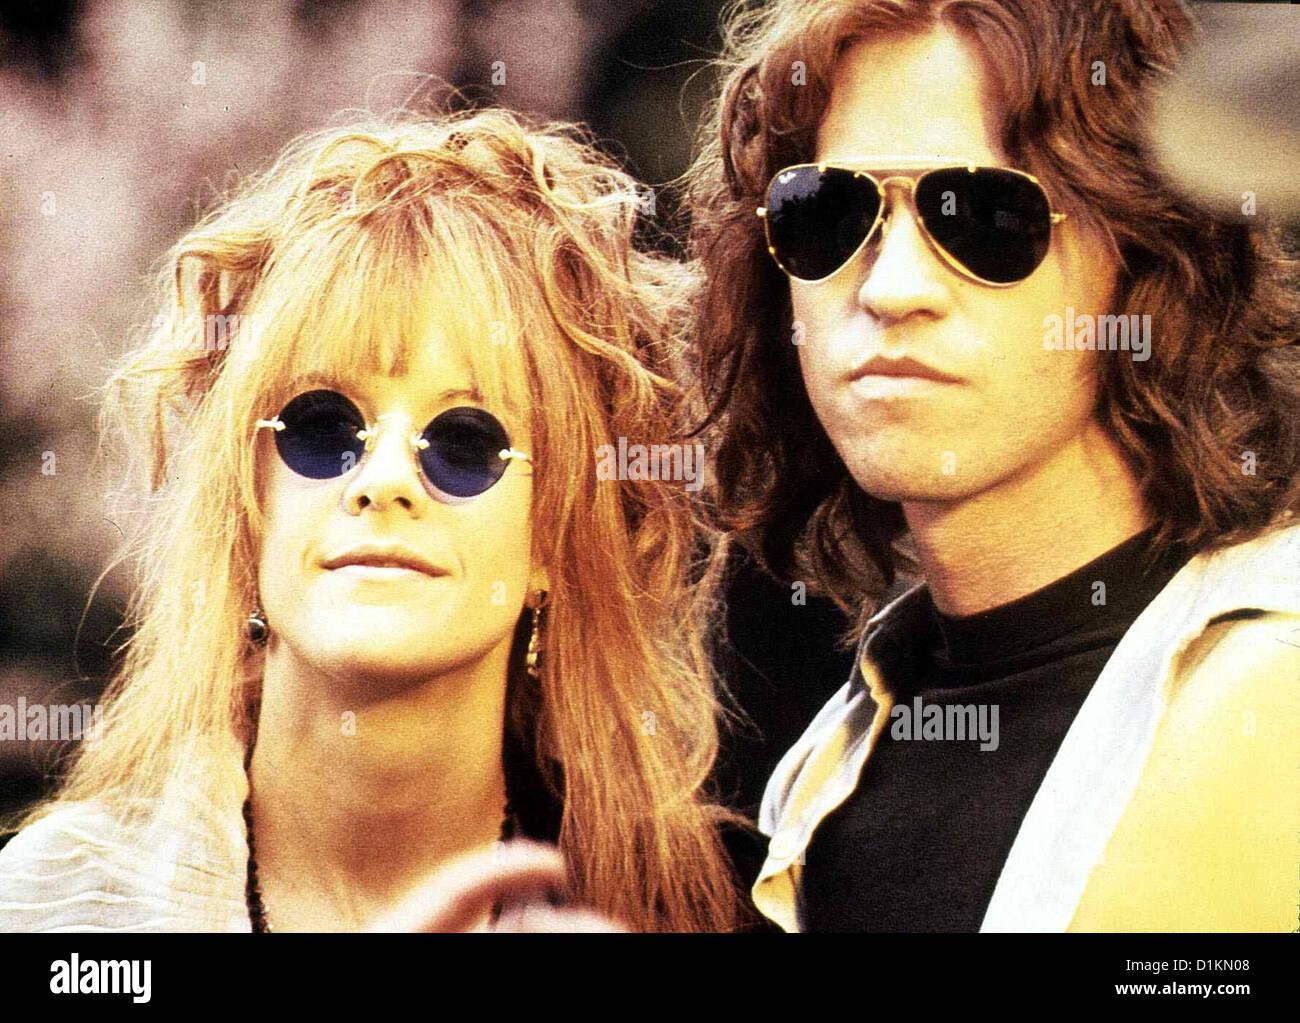 The Doors Doors Meg Ryan Val Kilmer Jim Morrison (Val Kilmer) und seine Frau Pamela (Meg Ryan). *** Local Caption *** 1991  sc 1 st  Alamy & The Doors Doors Meg Ryan Val Kilmer Jim Morrison (Val Kilmer ... pezcame.com